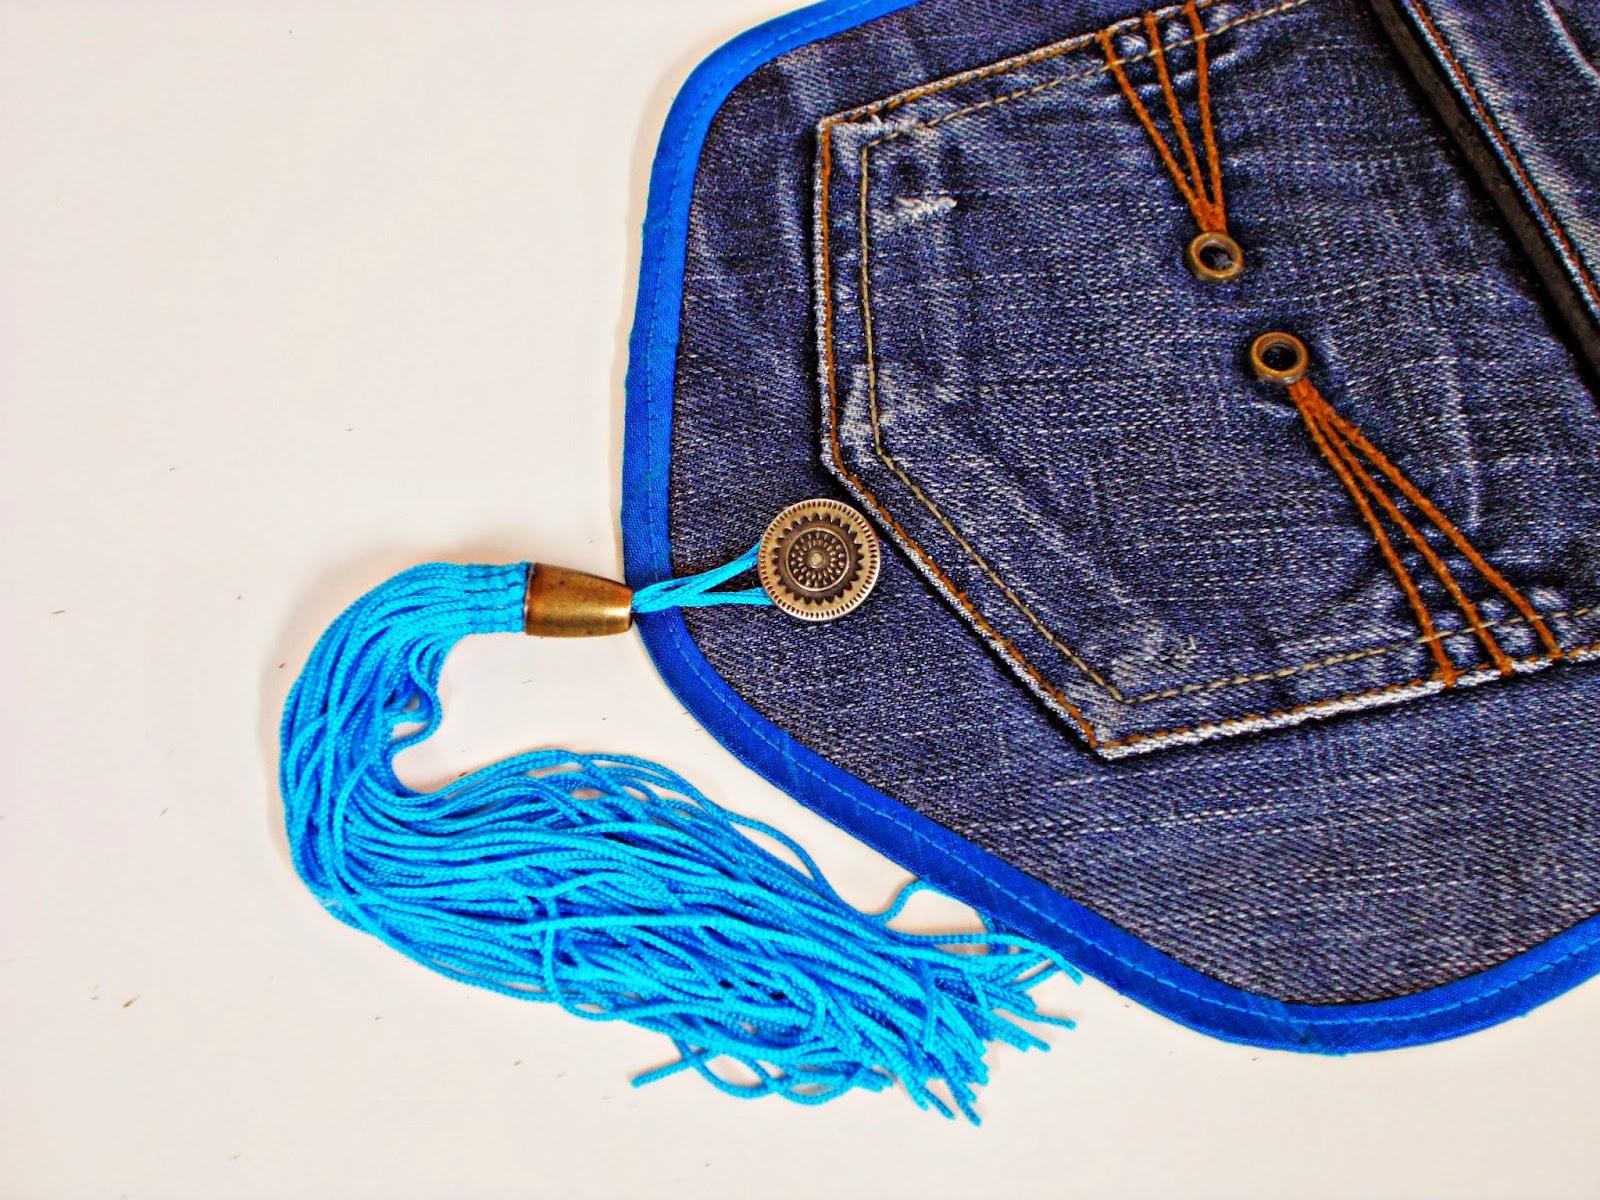 DIY-costura-reciclar-costumizar-vaquero-cargador-móvil-6